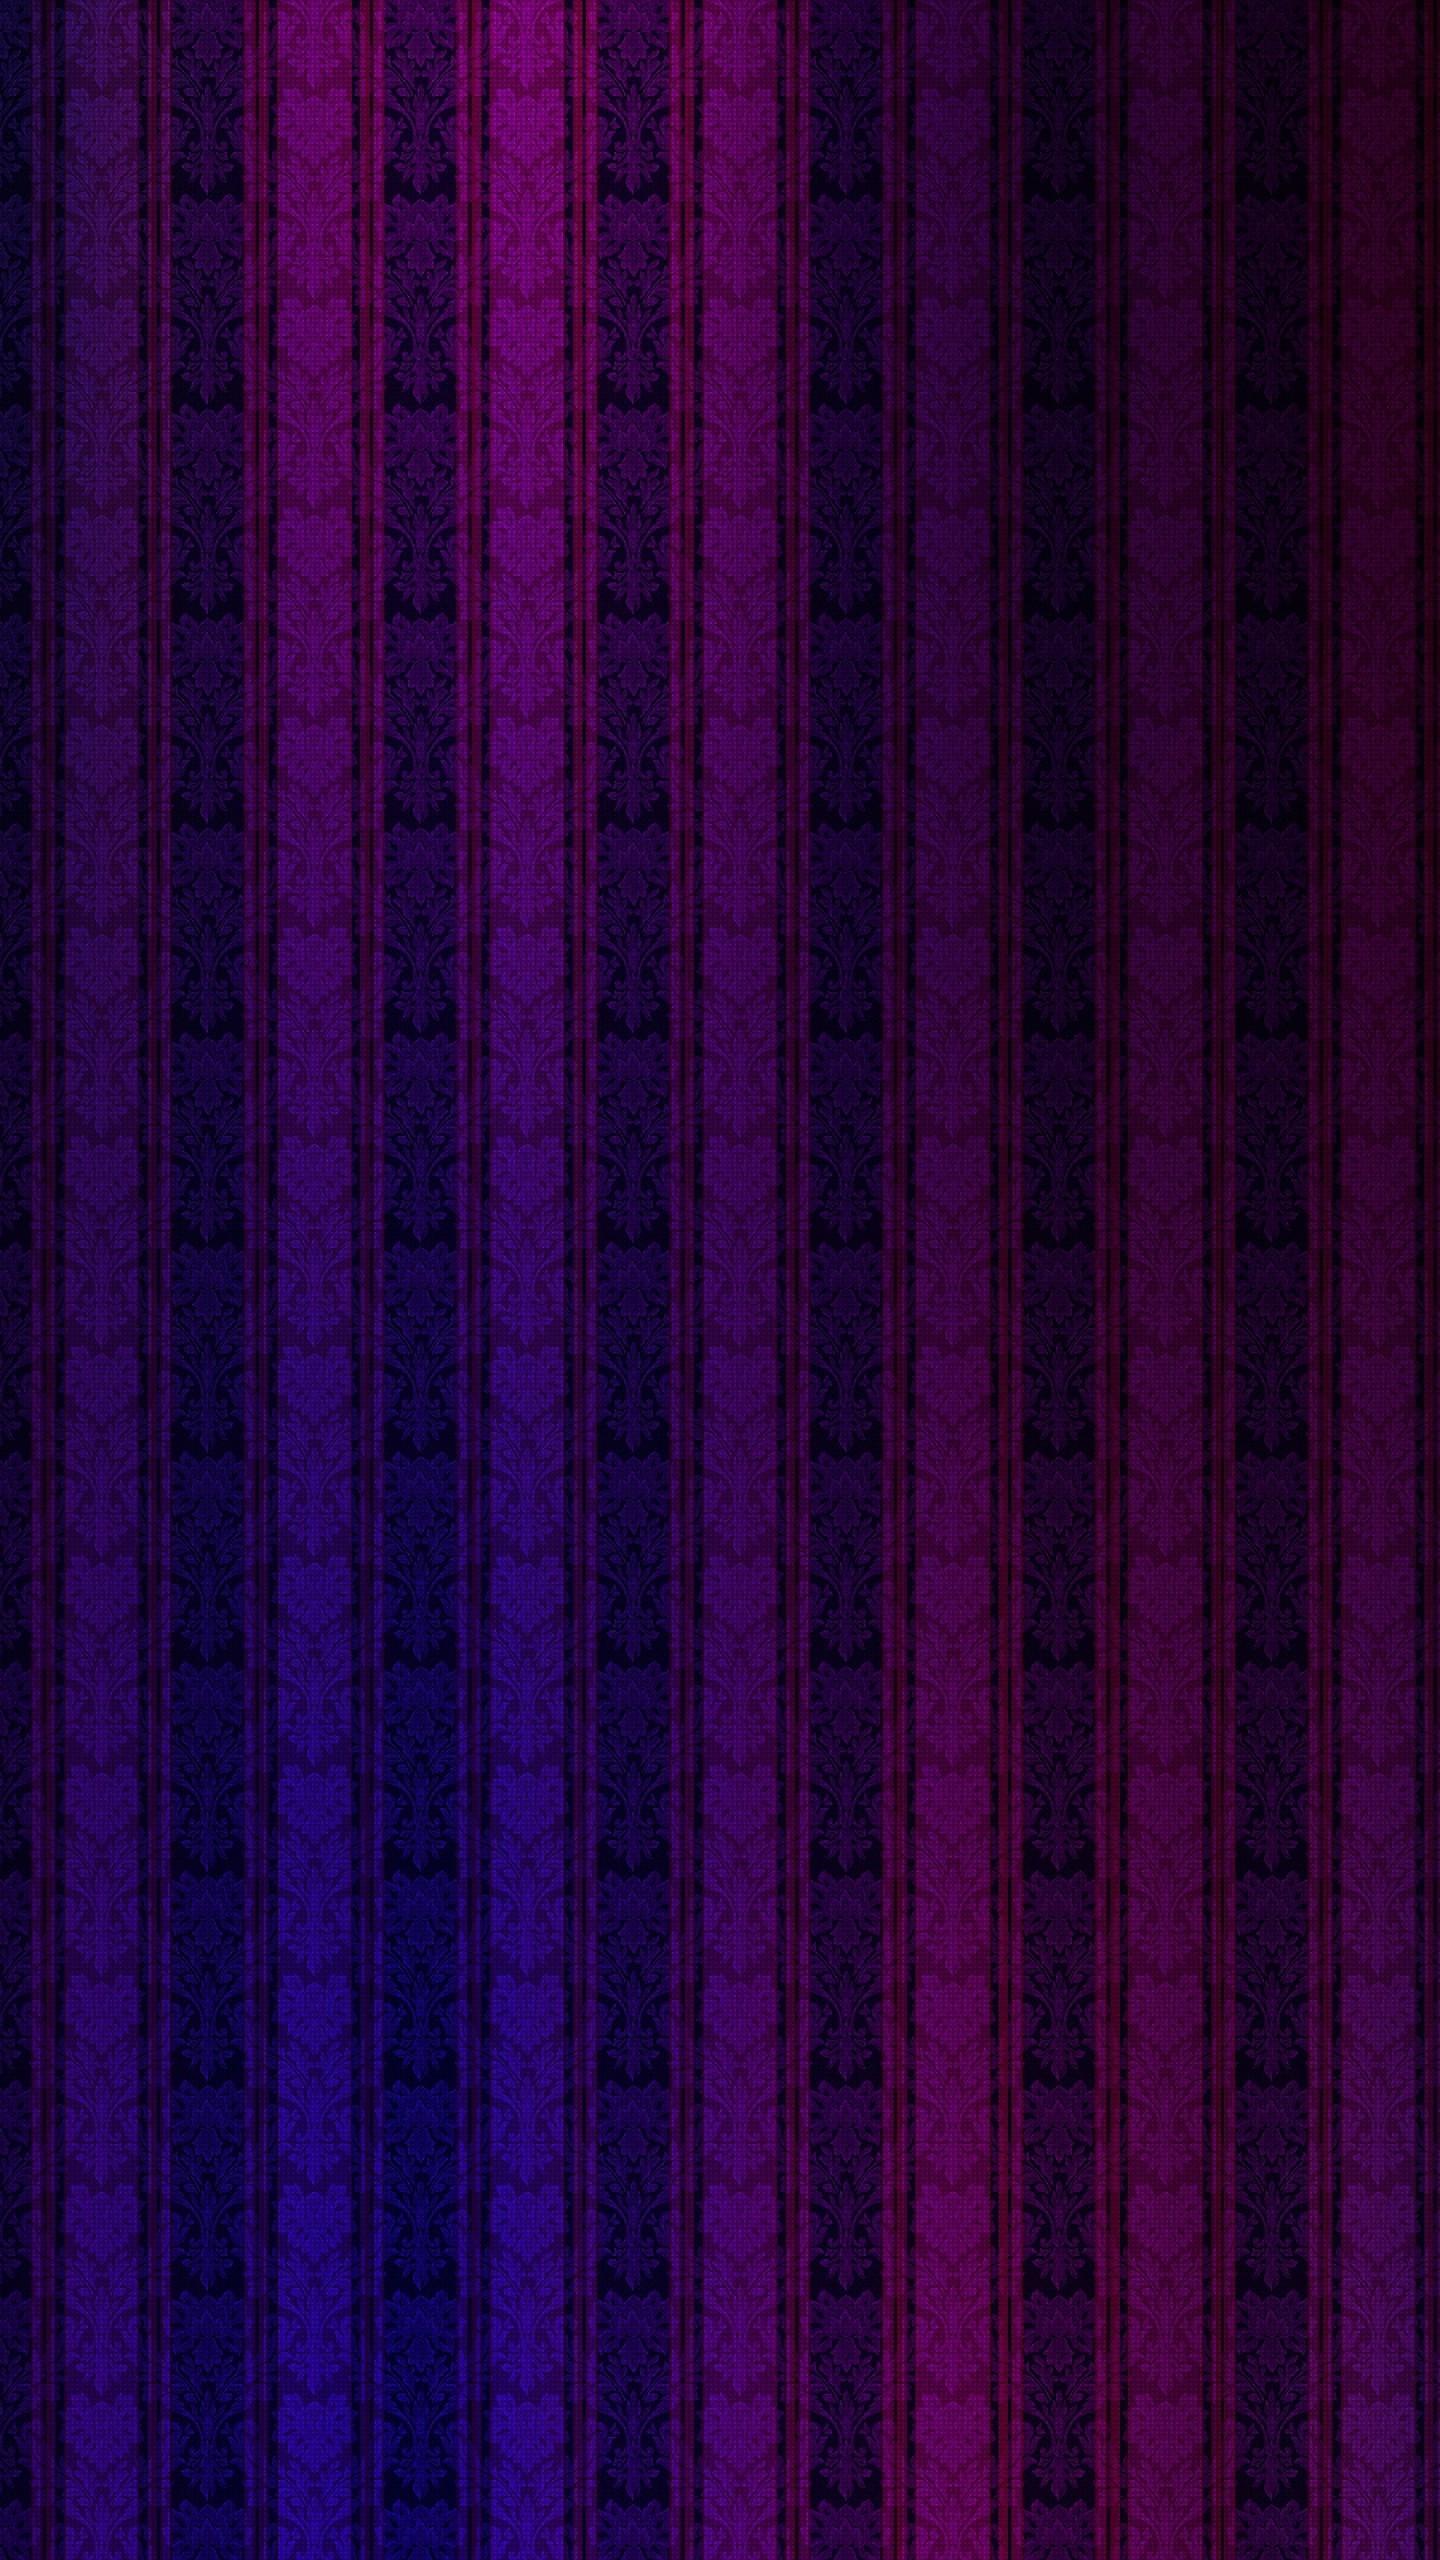 Wallpaper strips, lights, vertical